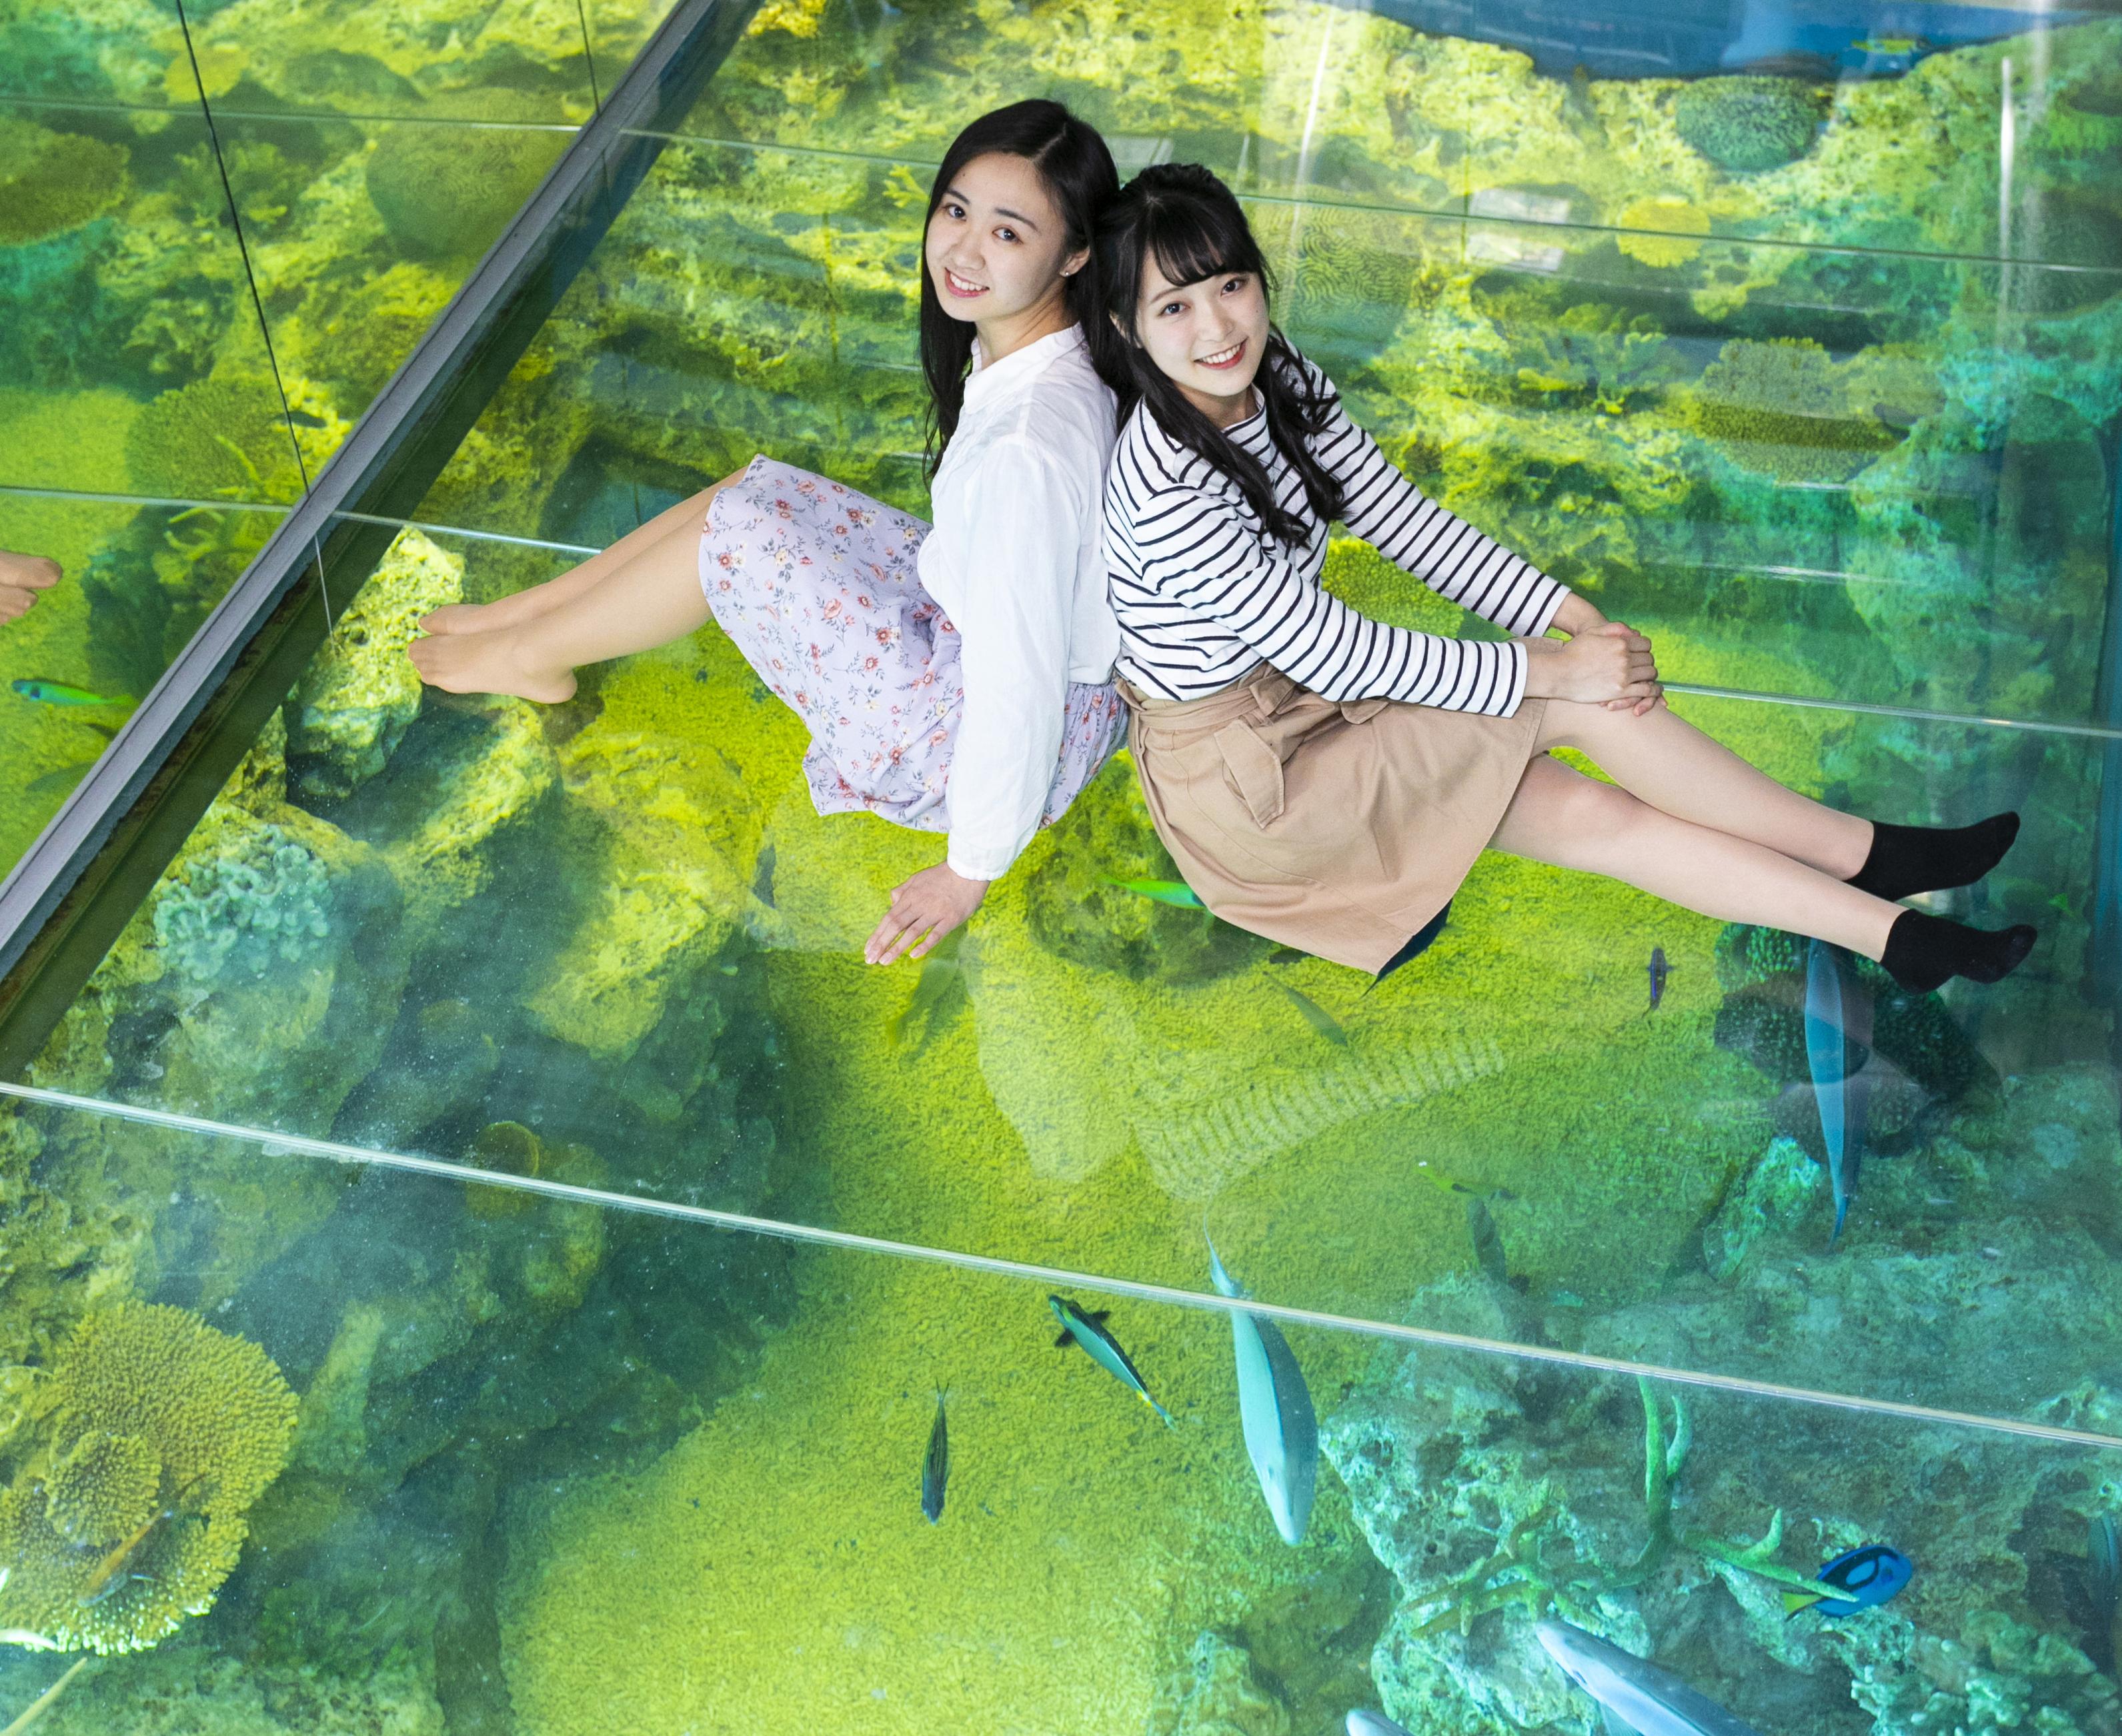 『越前松島水族館』の魅力を再発見しよう♪ URALA読者限定500円OFFクーポン配信中!